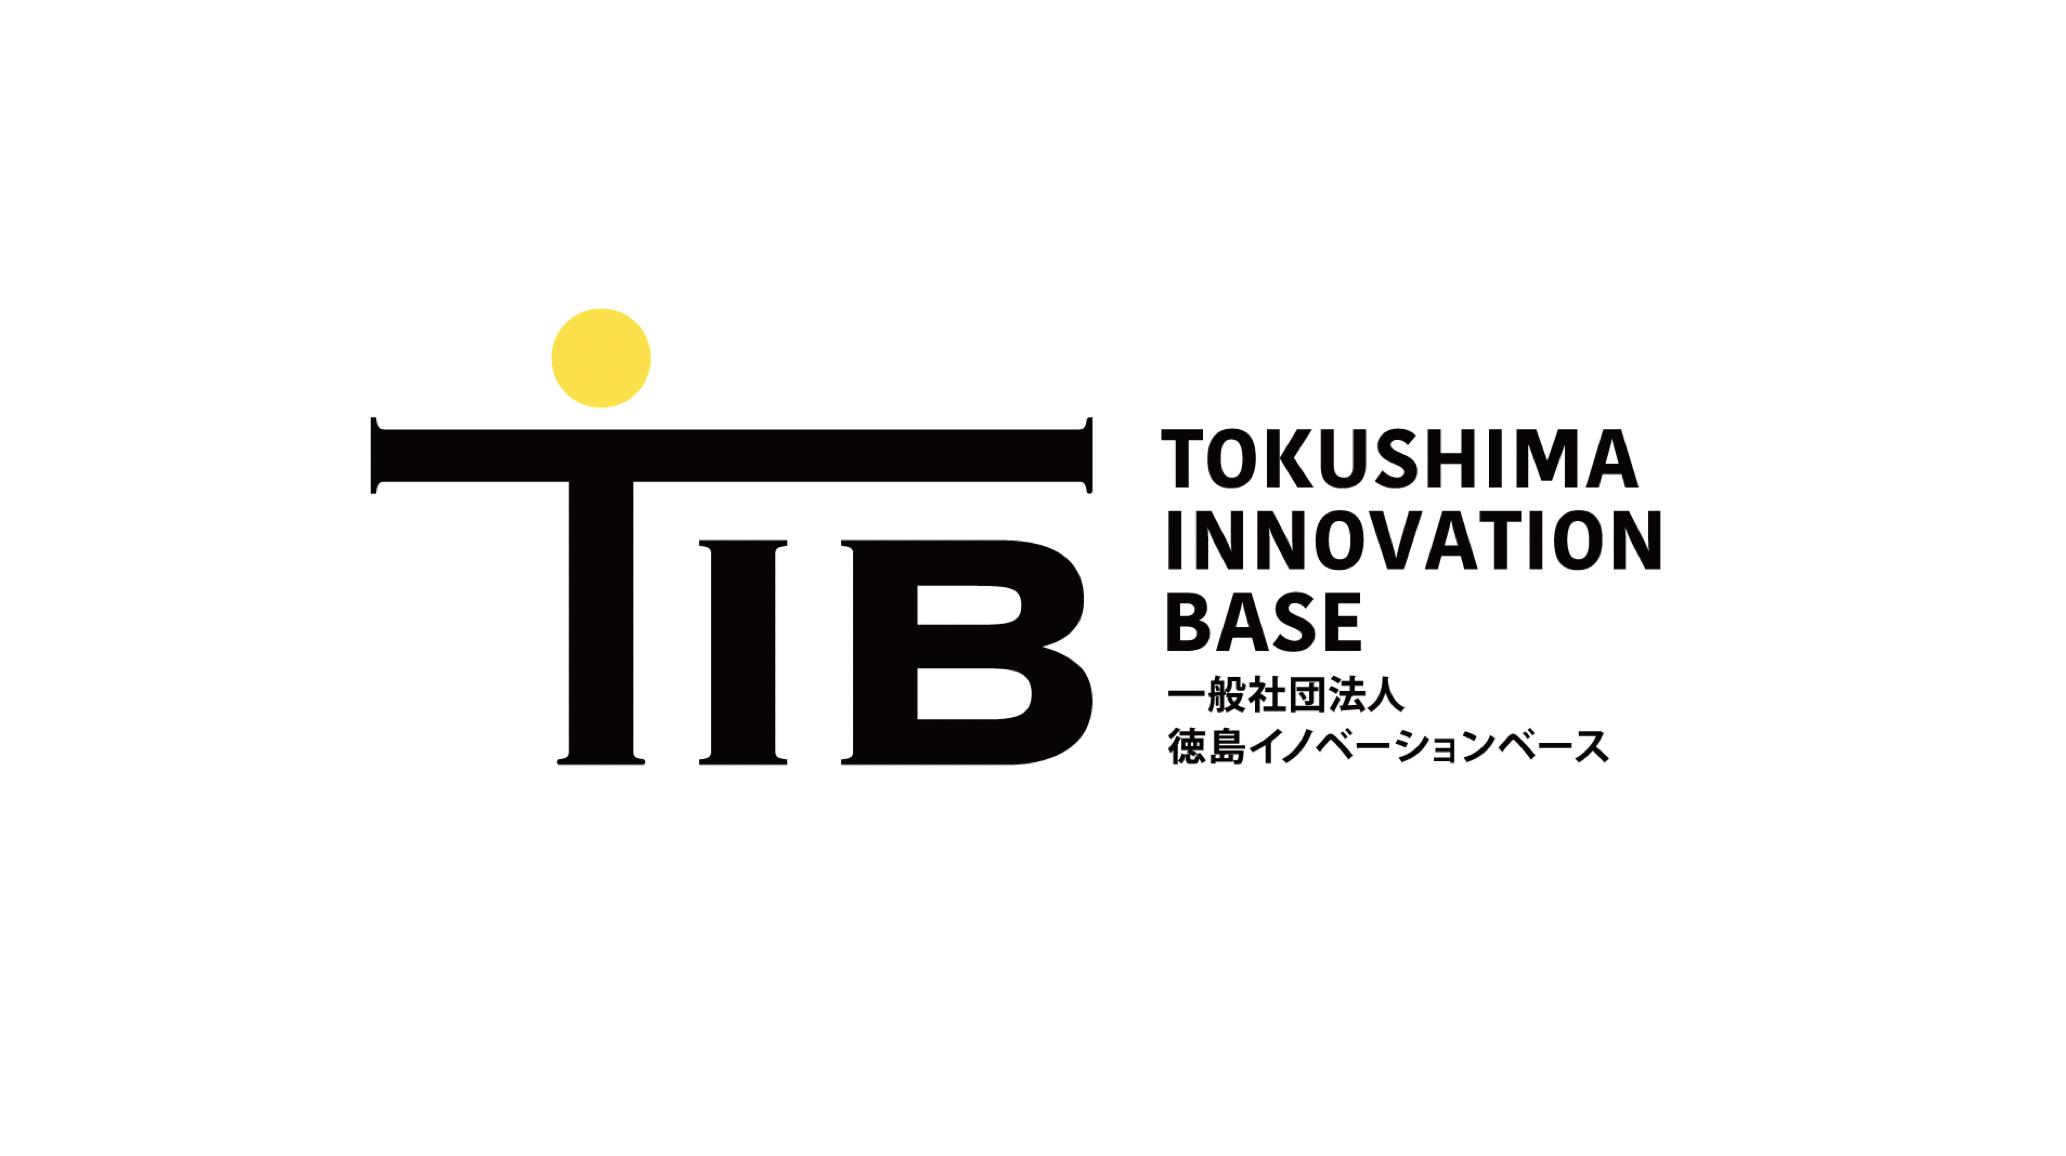 メディアドゥHDなど5社、徳島県内の起業家などを支援する「徳島イノベーションベース」を設立